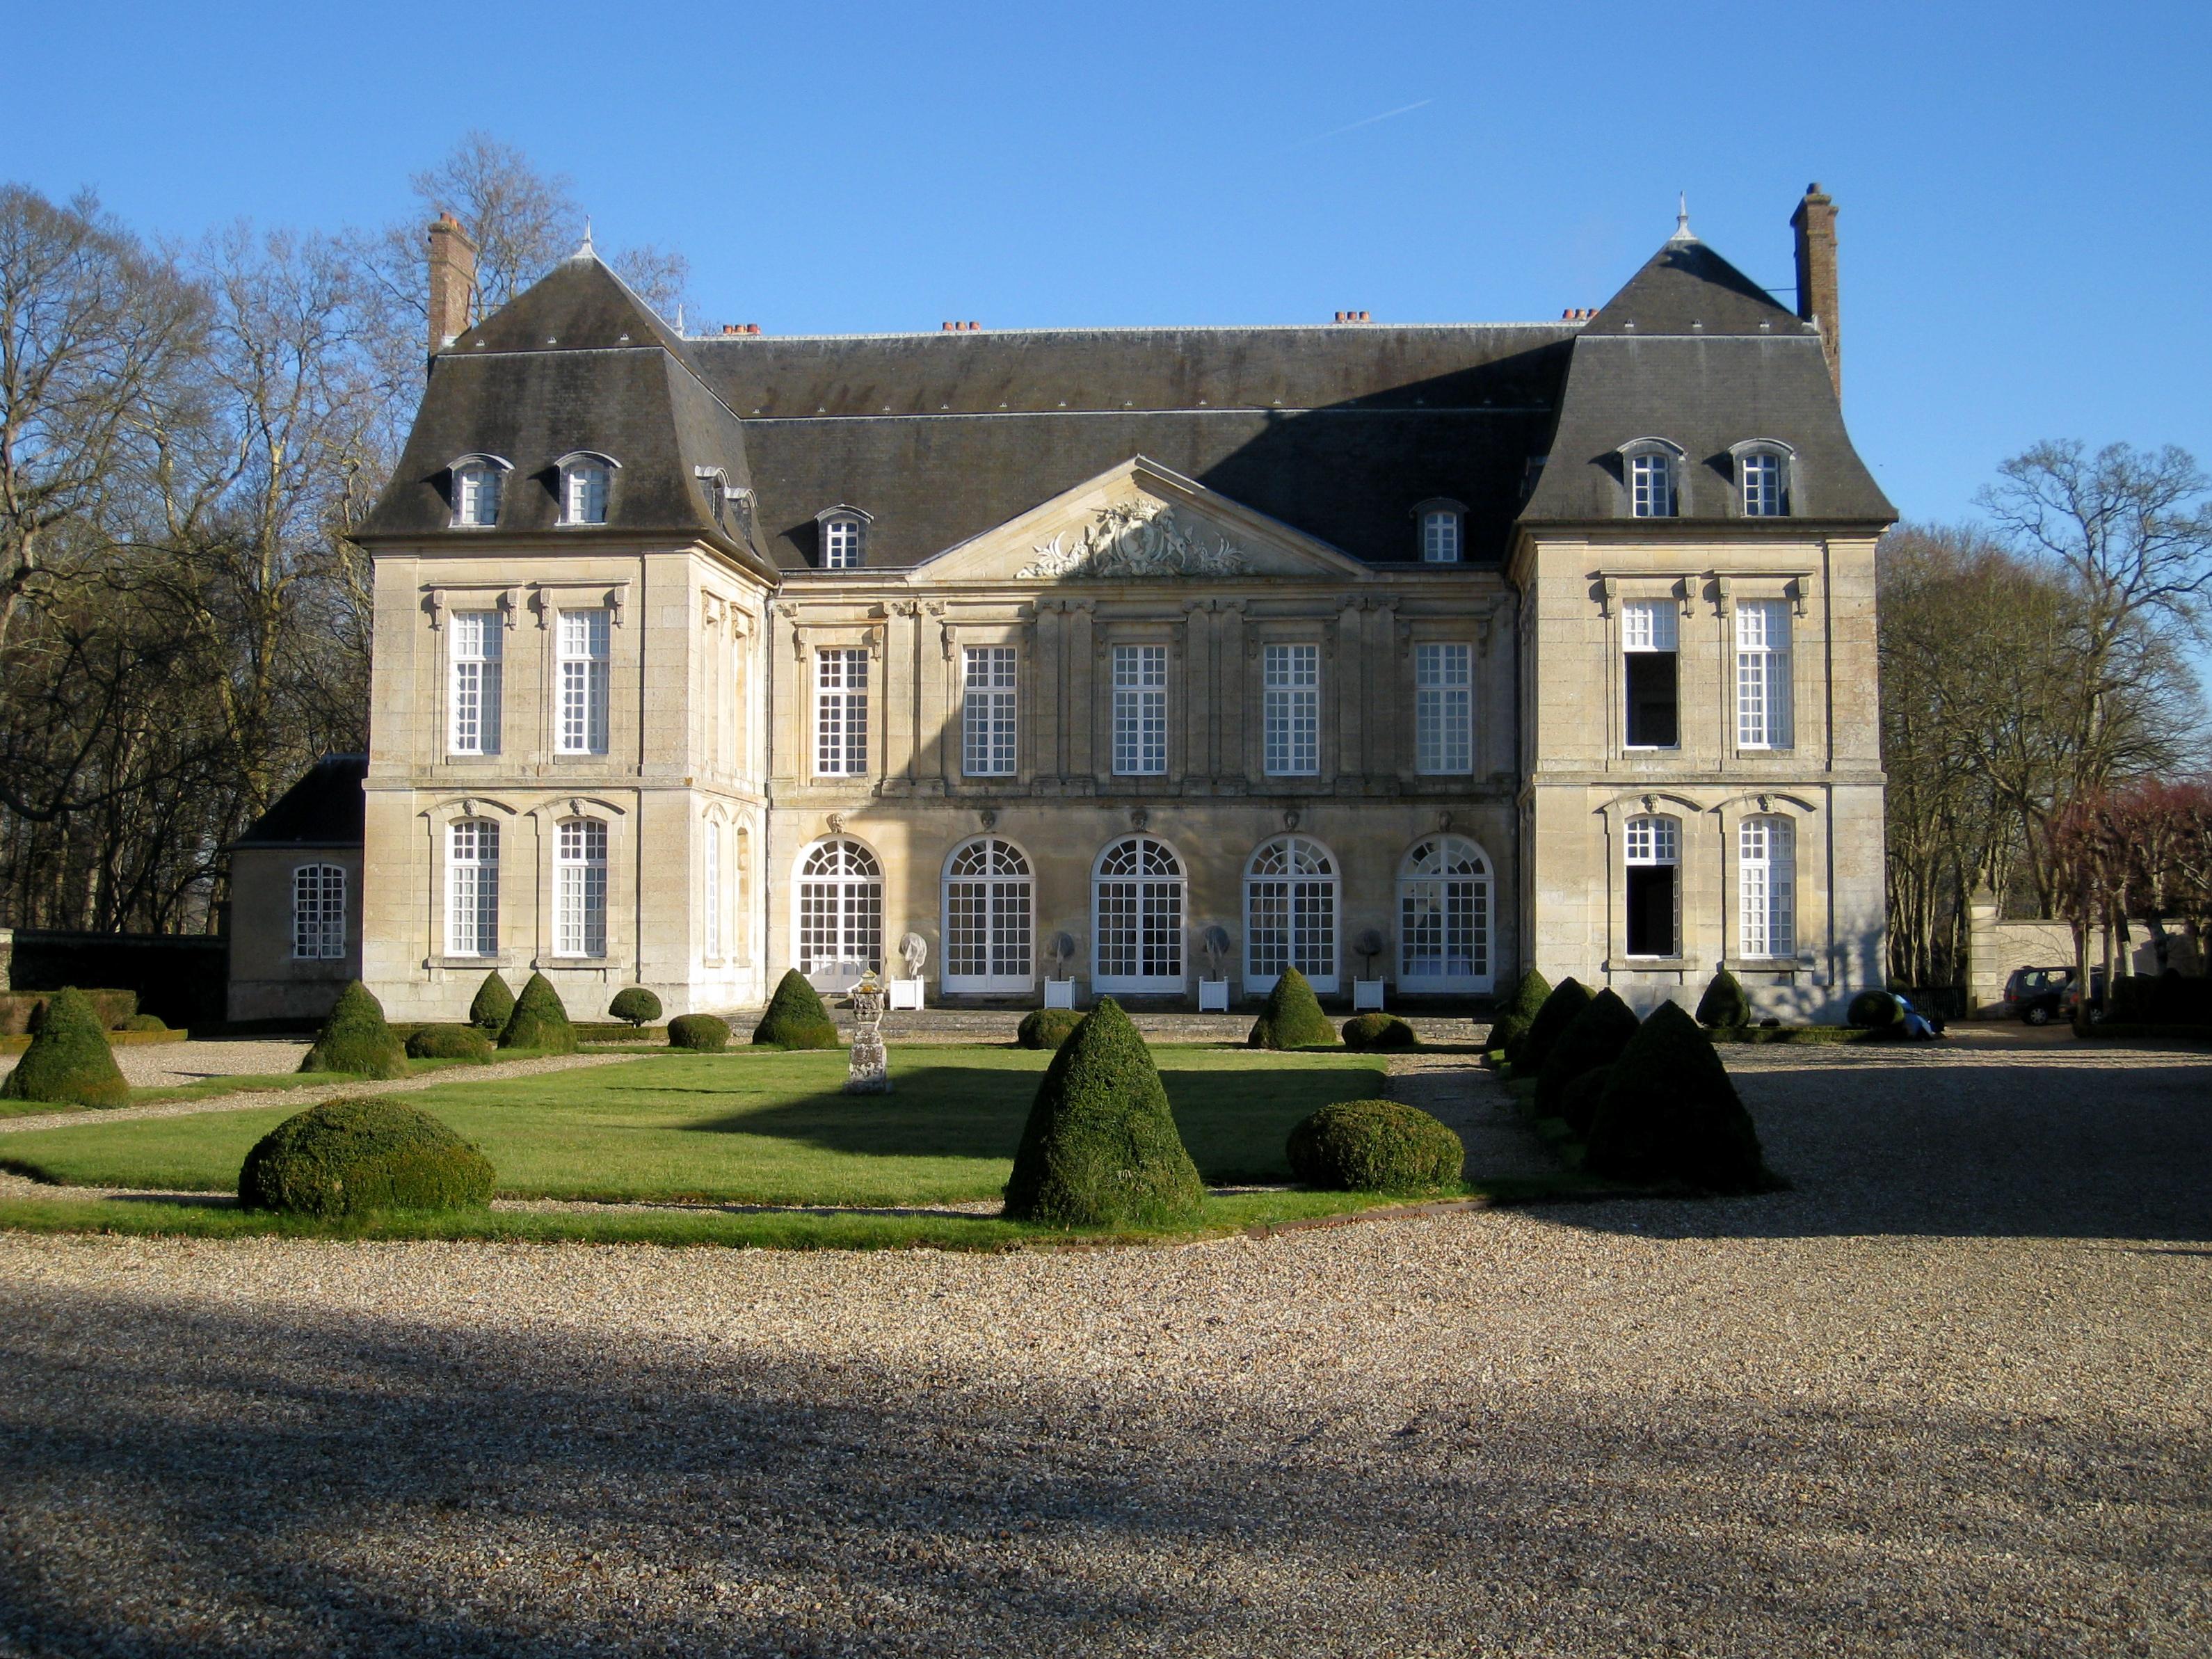 Maison De Campagne Vexin boury-en-vexin - wikipedia